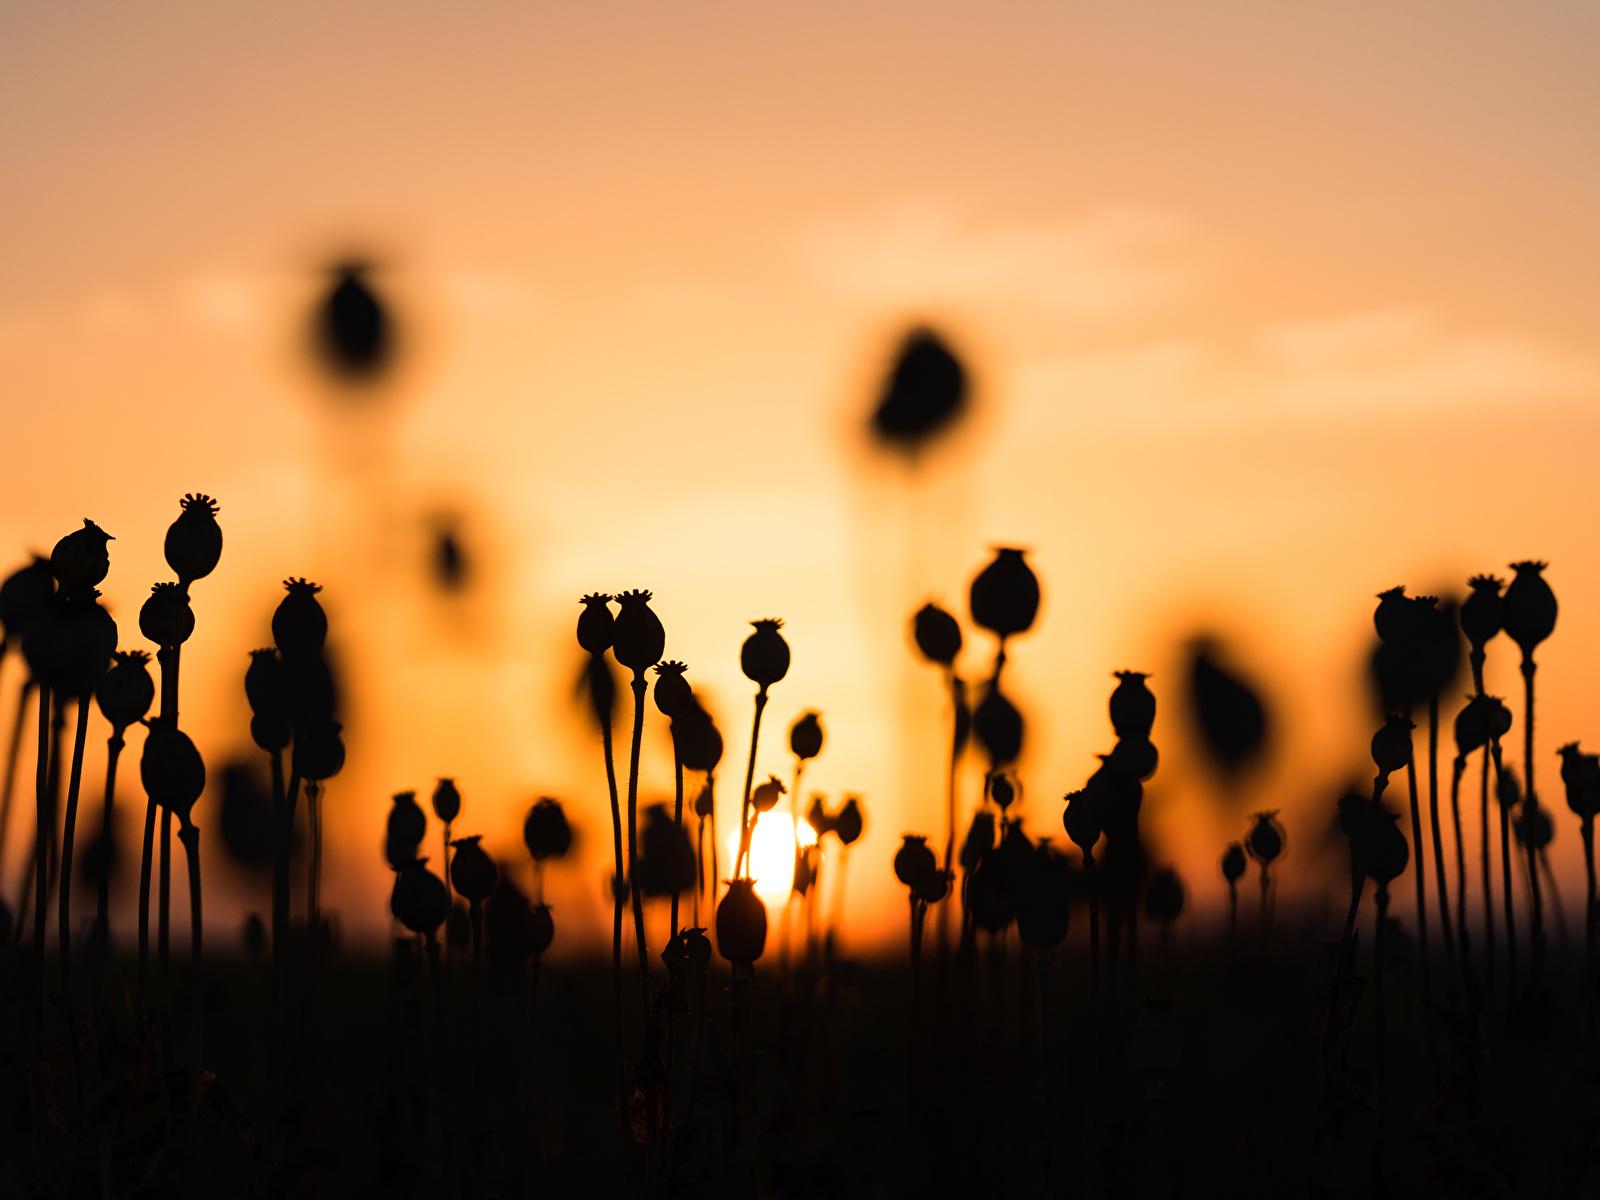 Картинки силуэта Природа мак рассвет и закат 1600x1200 Силуэт силуэты Маки Рассветы и закаты